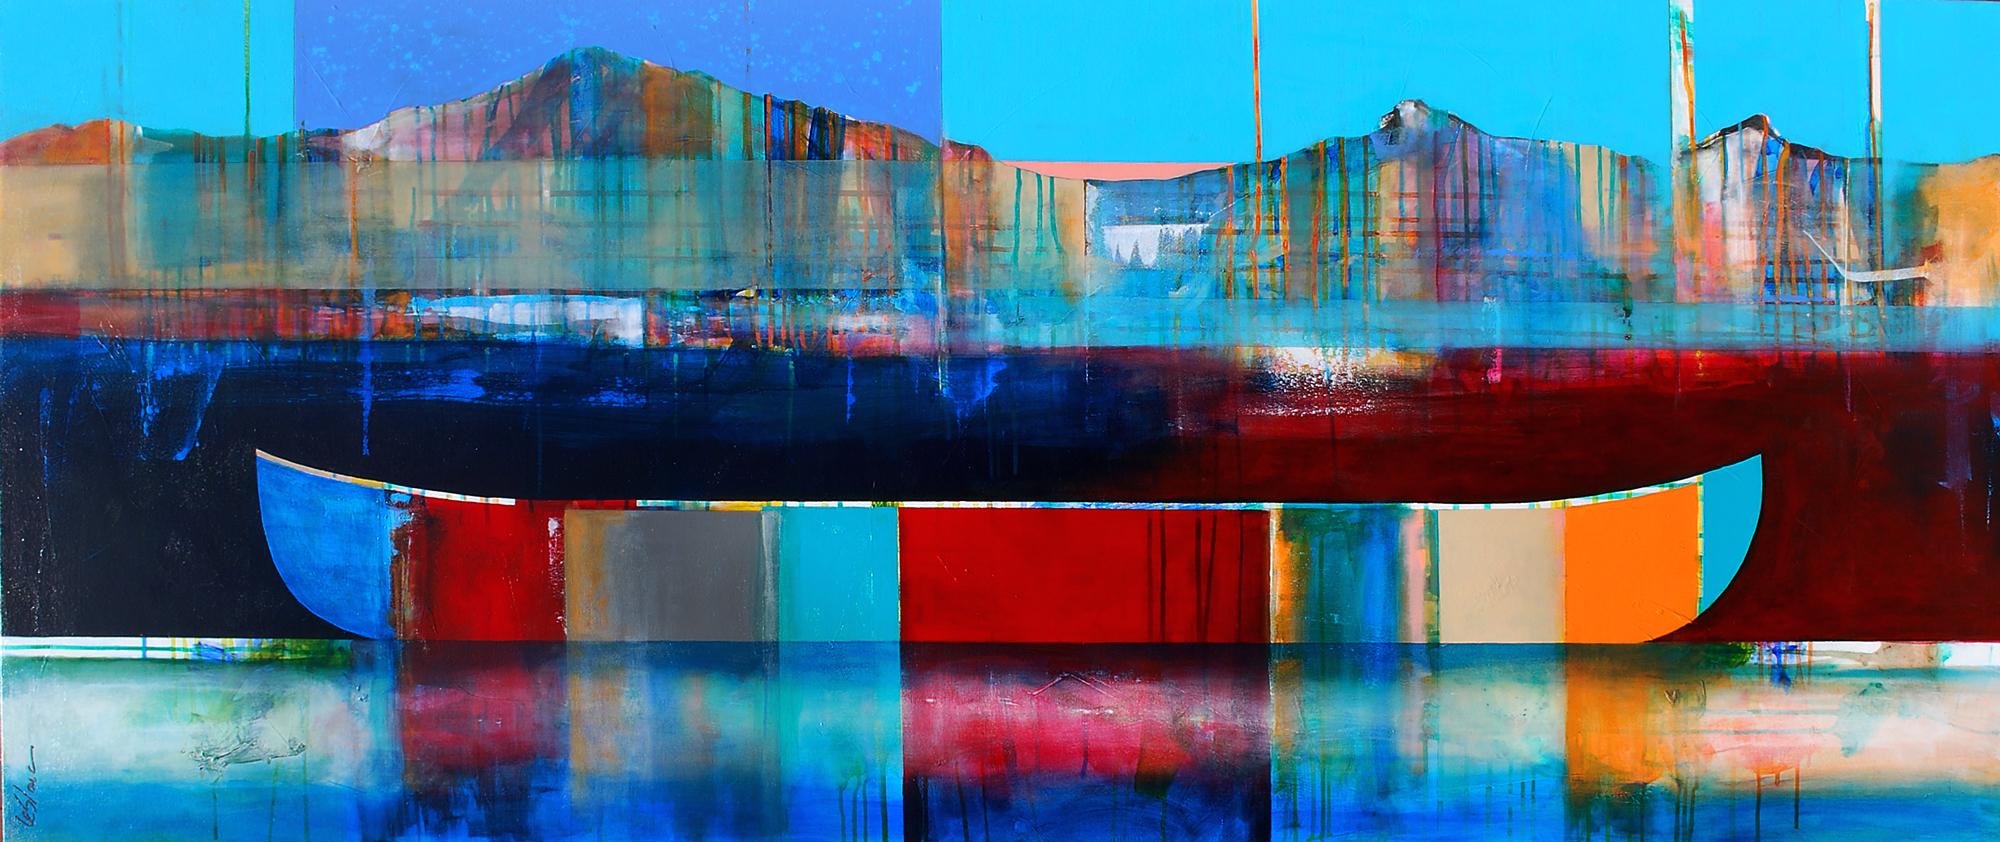 À la lueur des montagnes, mixed media canoe painting by Sylvain Leblanc | Effusion Art Gallery + Cast Glass Studio, Invermere BC